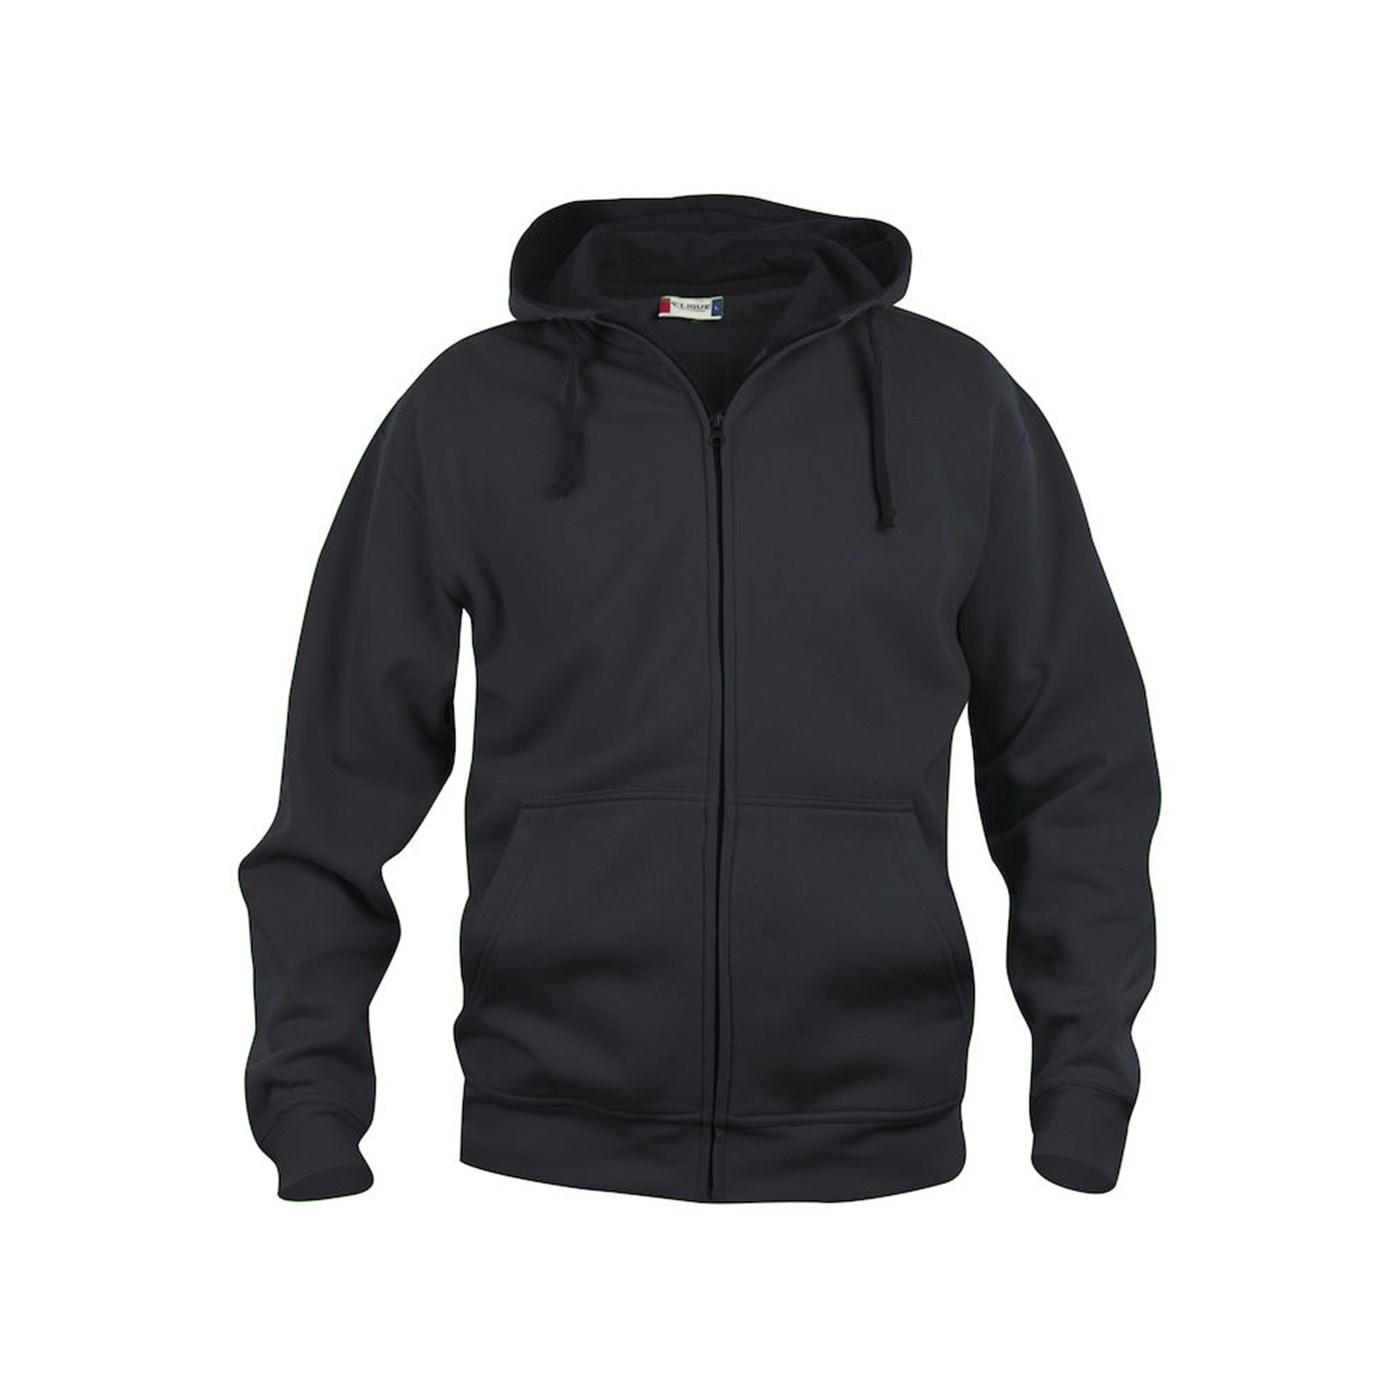 f15170af Clique Men's Basic Full Zip Hooded Sweatshirt